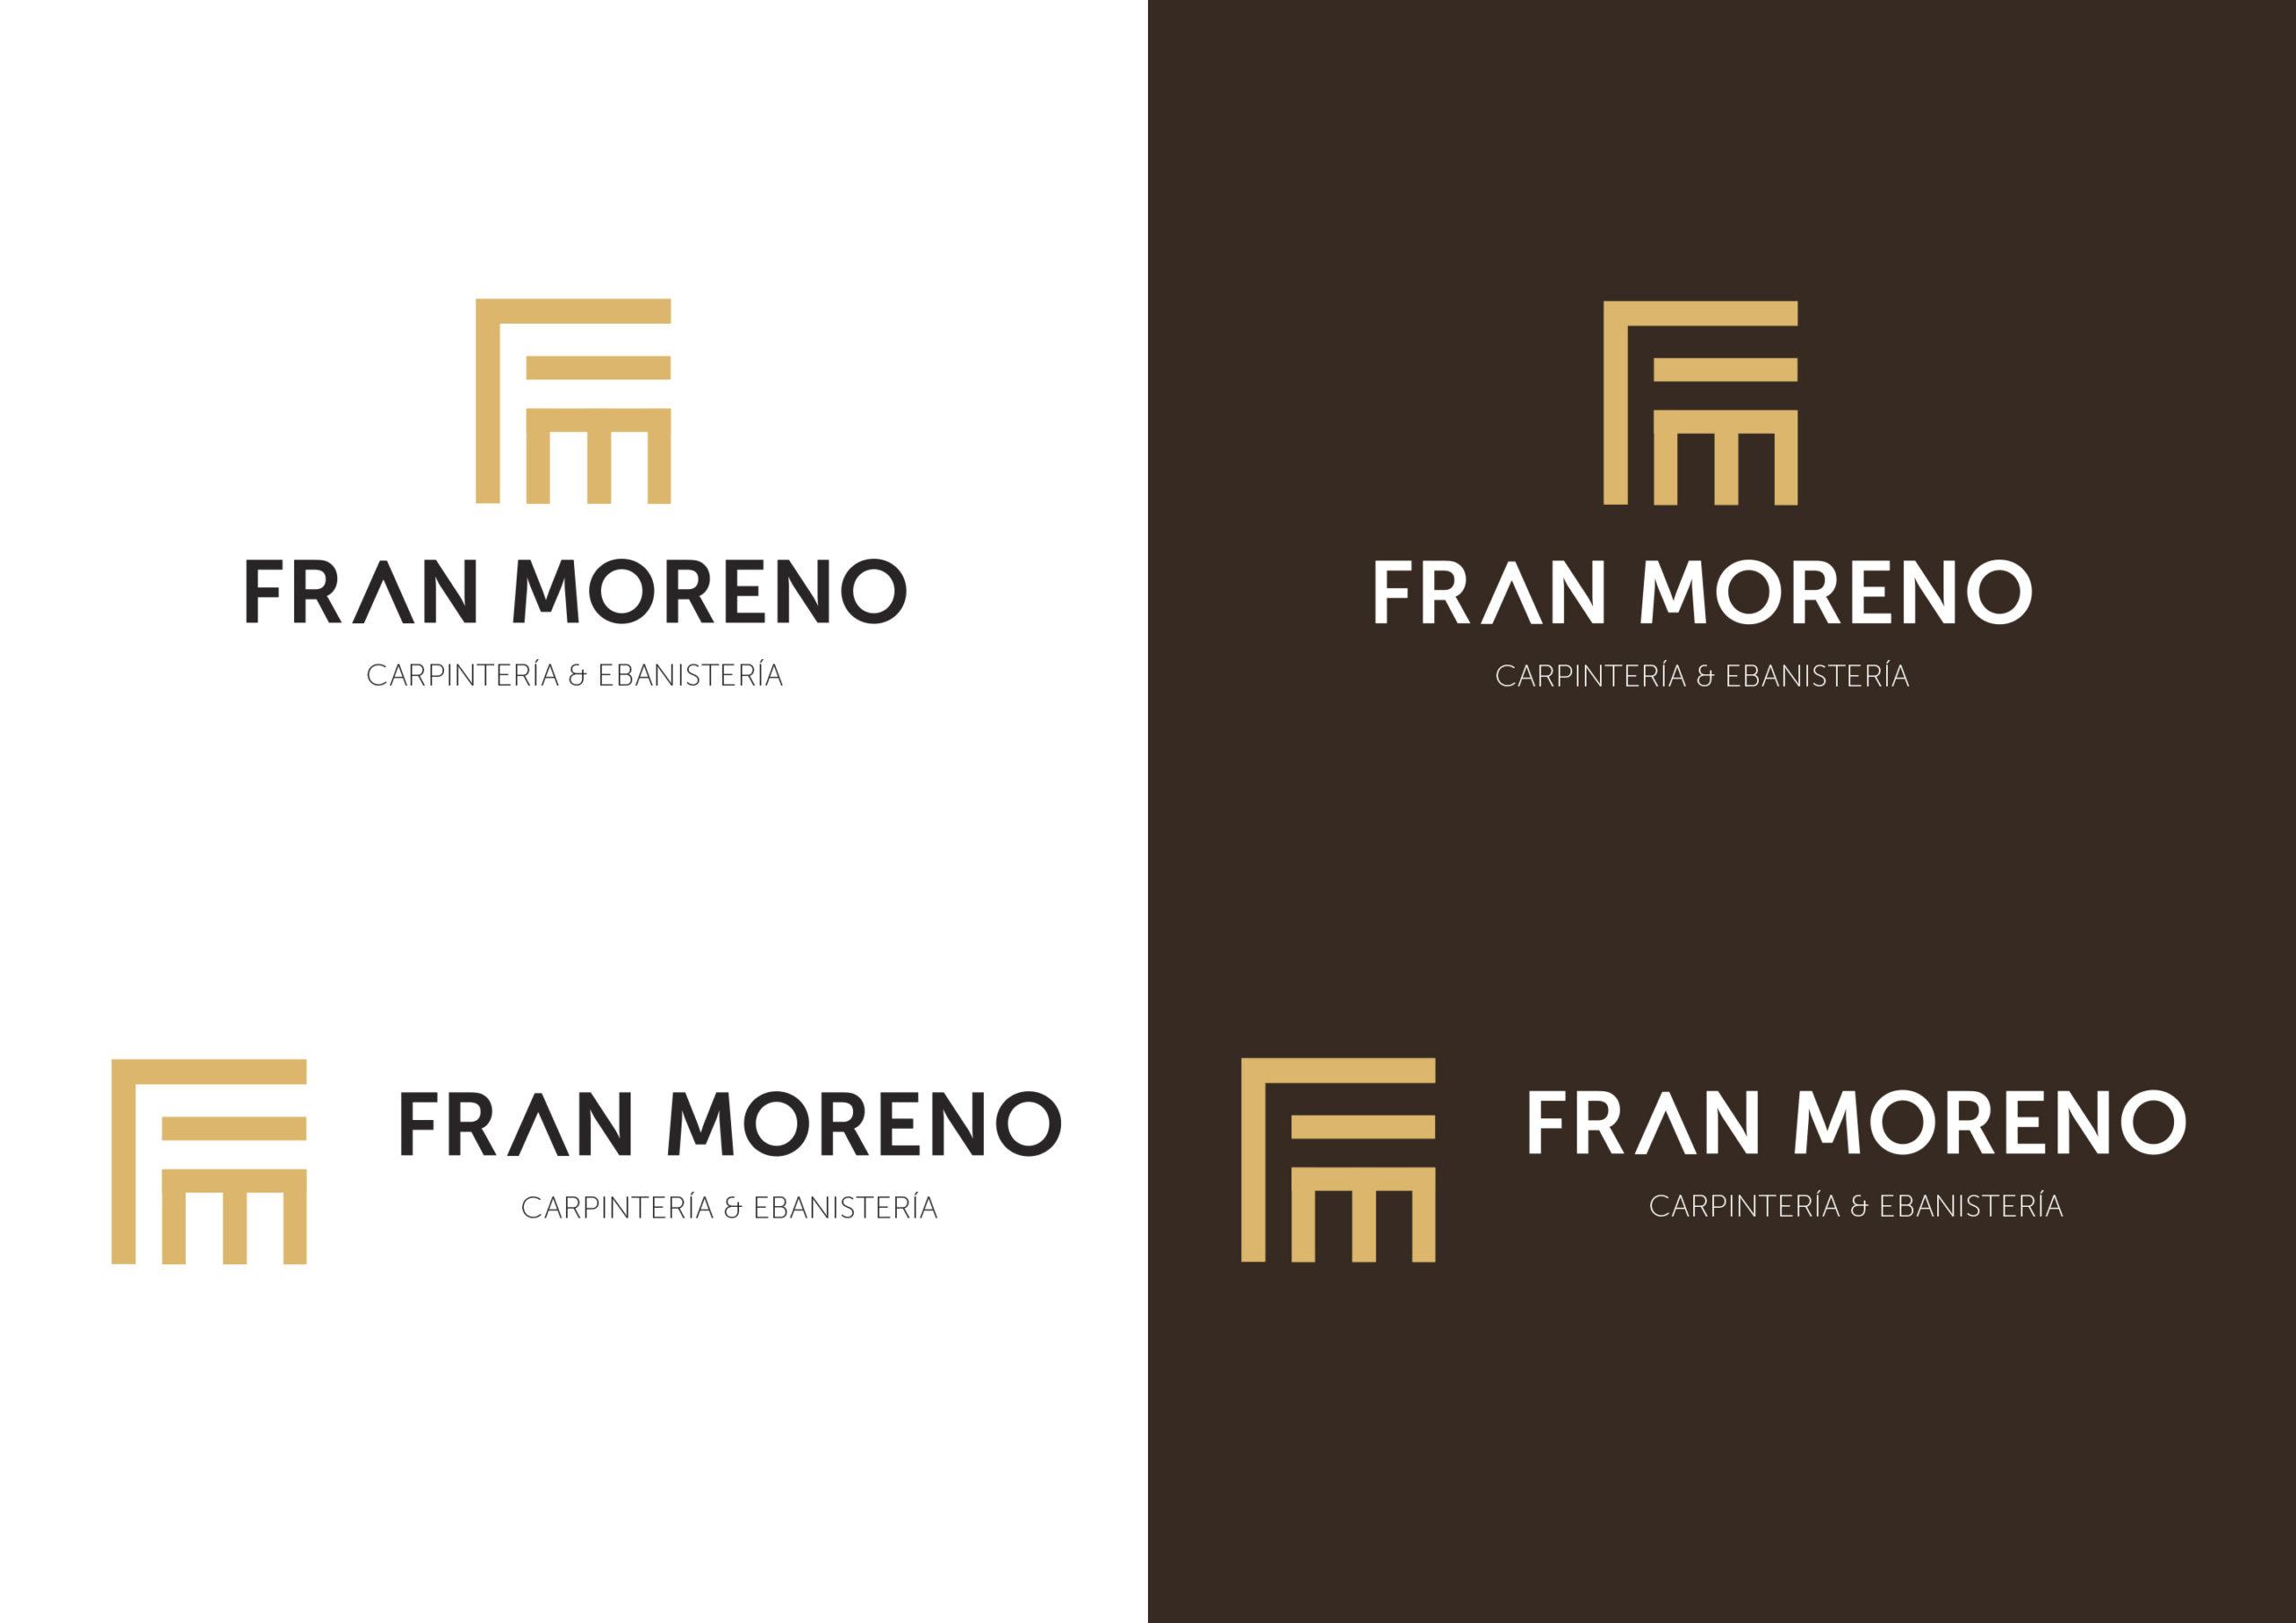 Identidad Visual 2 Logotipo para Fran Moreno